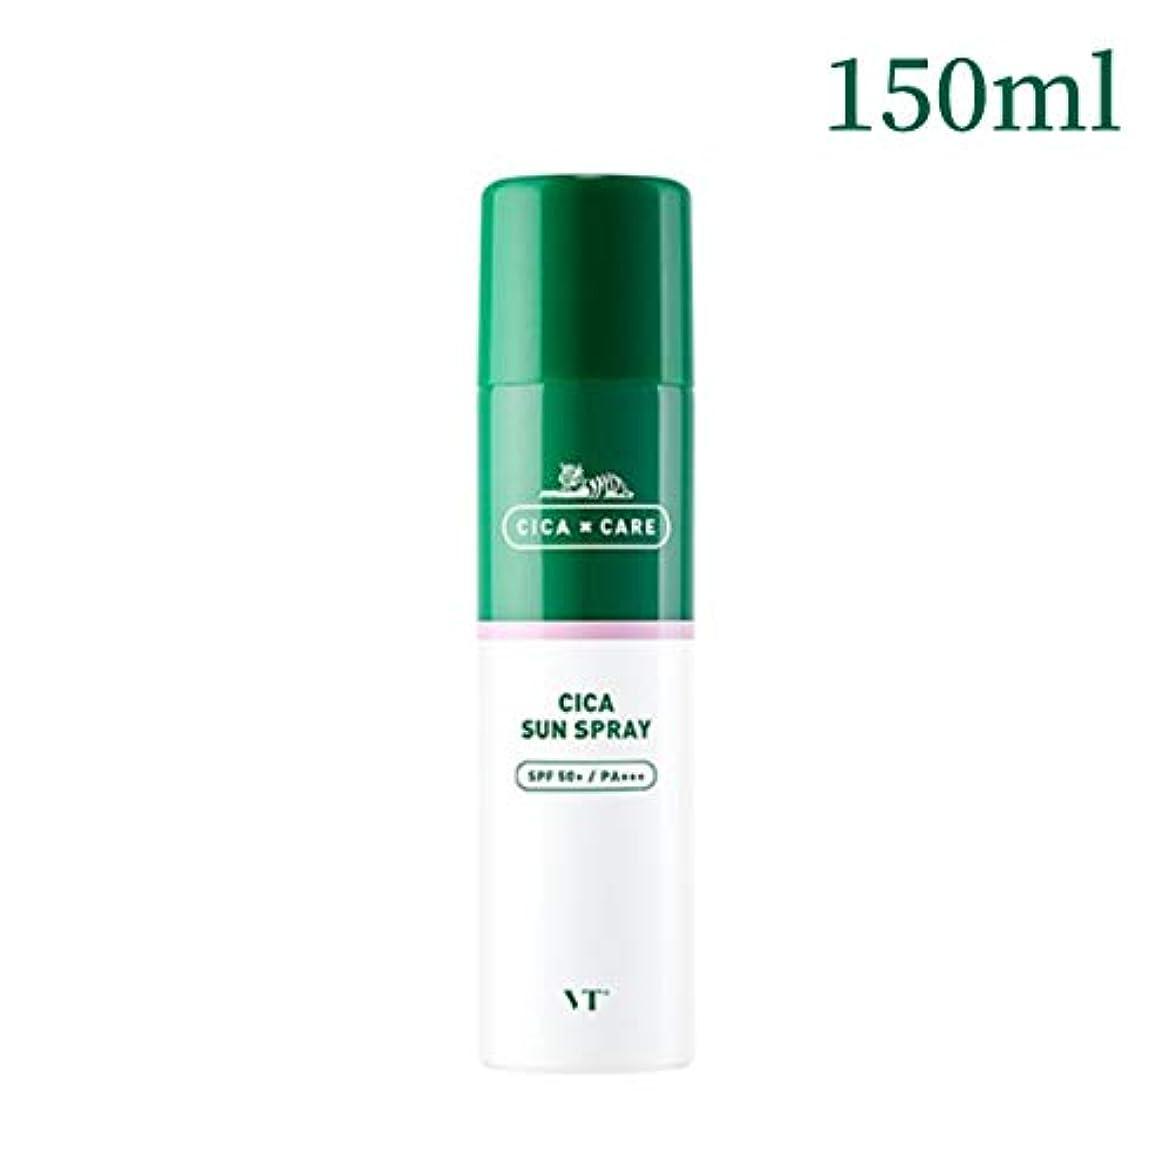 白い仮装ソーセージVT Cosmetis CICAサンスプレー 150ml